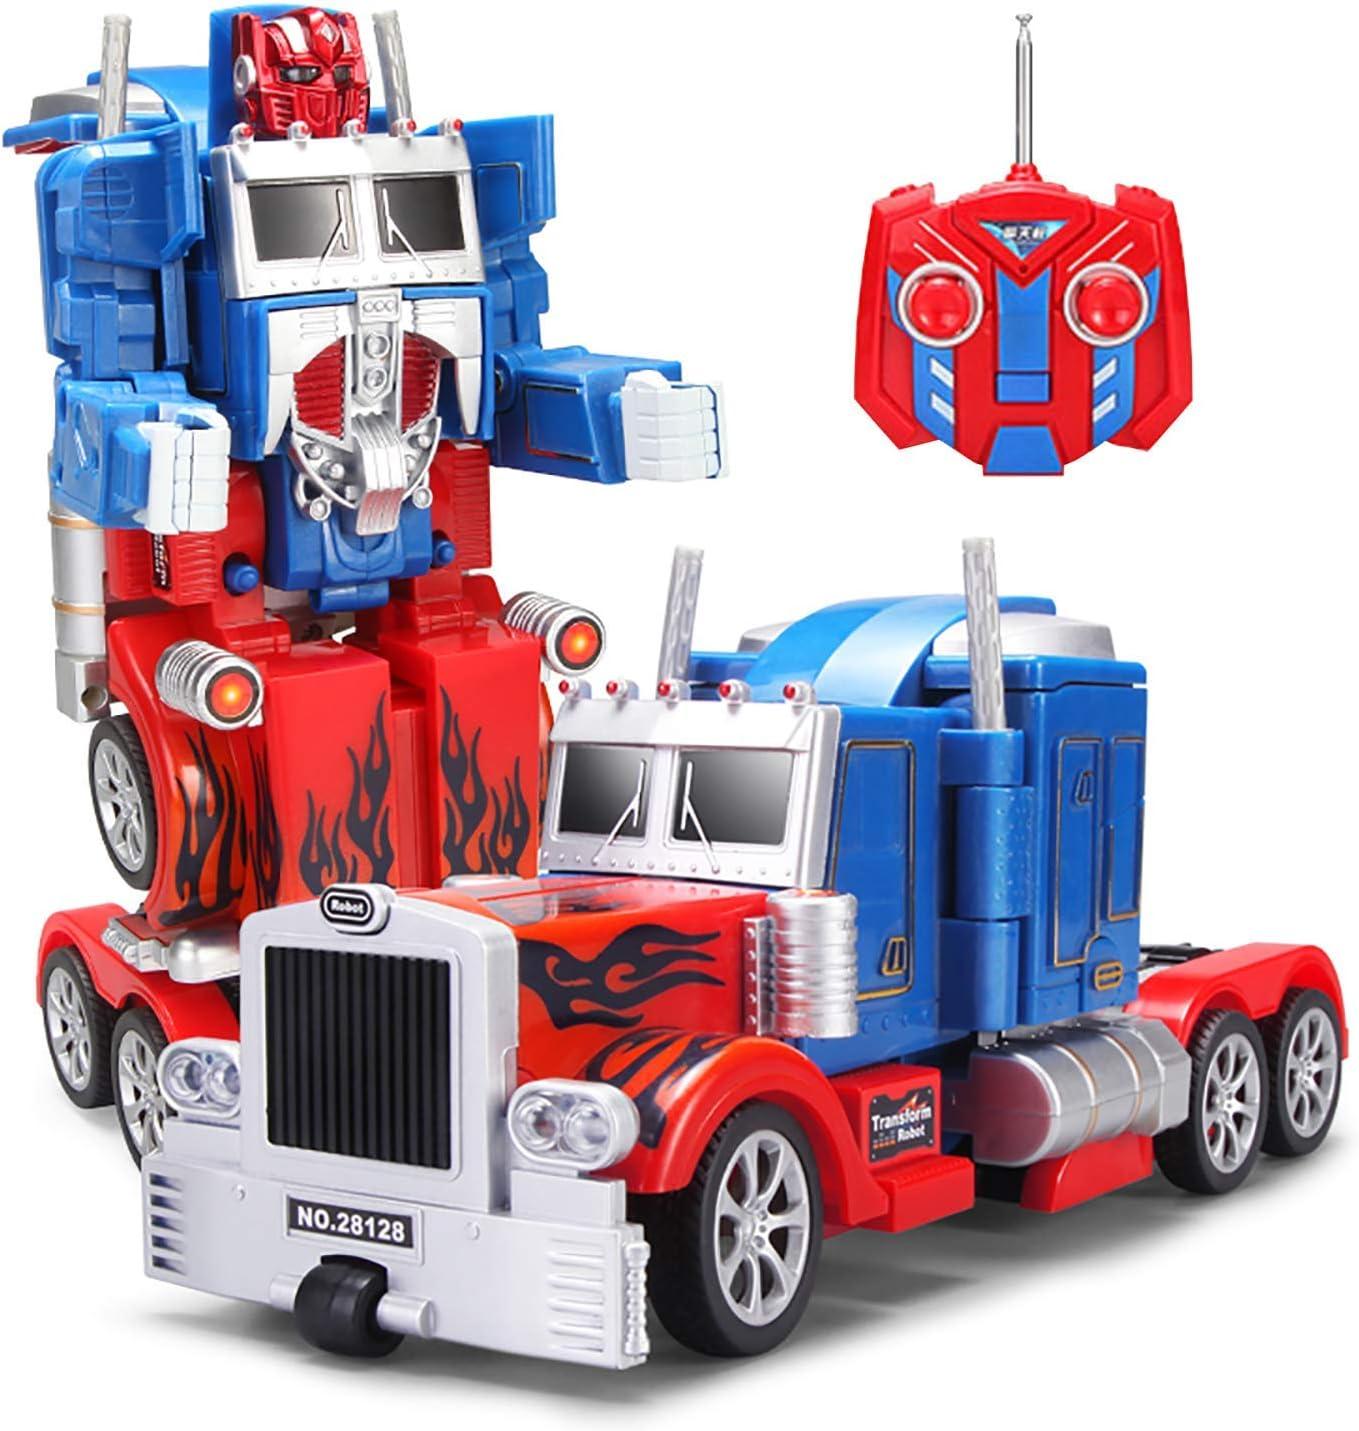 YARMOSHI Robot Camión 2 En 1 Figura De Acción, Autobot. Este Juguete De Combate con Mando A Distancia Tiene Una Conexión USB para Facilitar La Carga. Hecho De Materiales Seguros Y Resistentes,